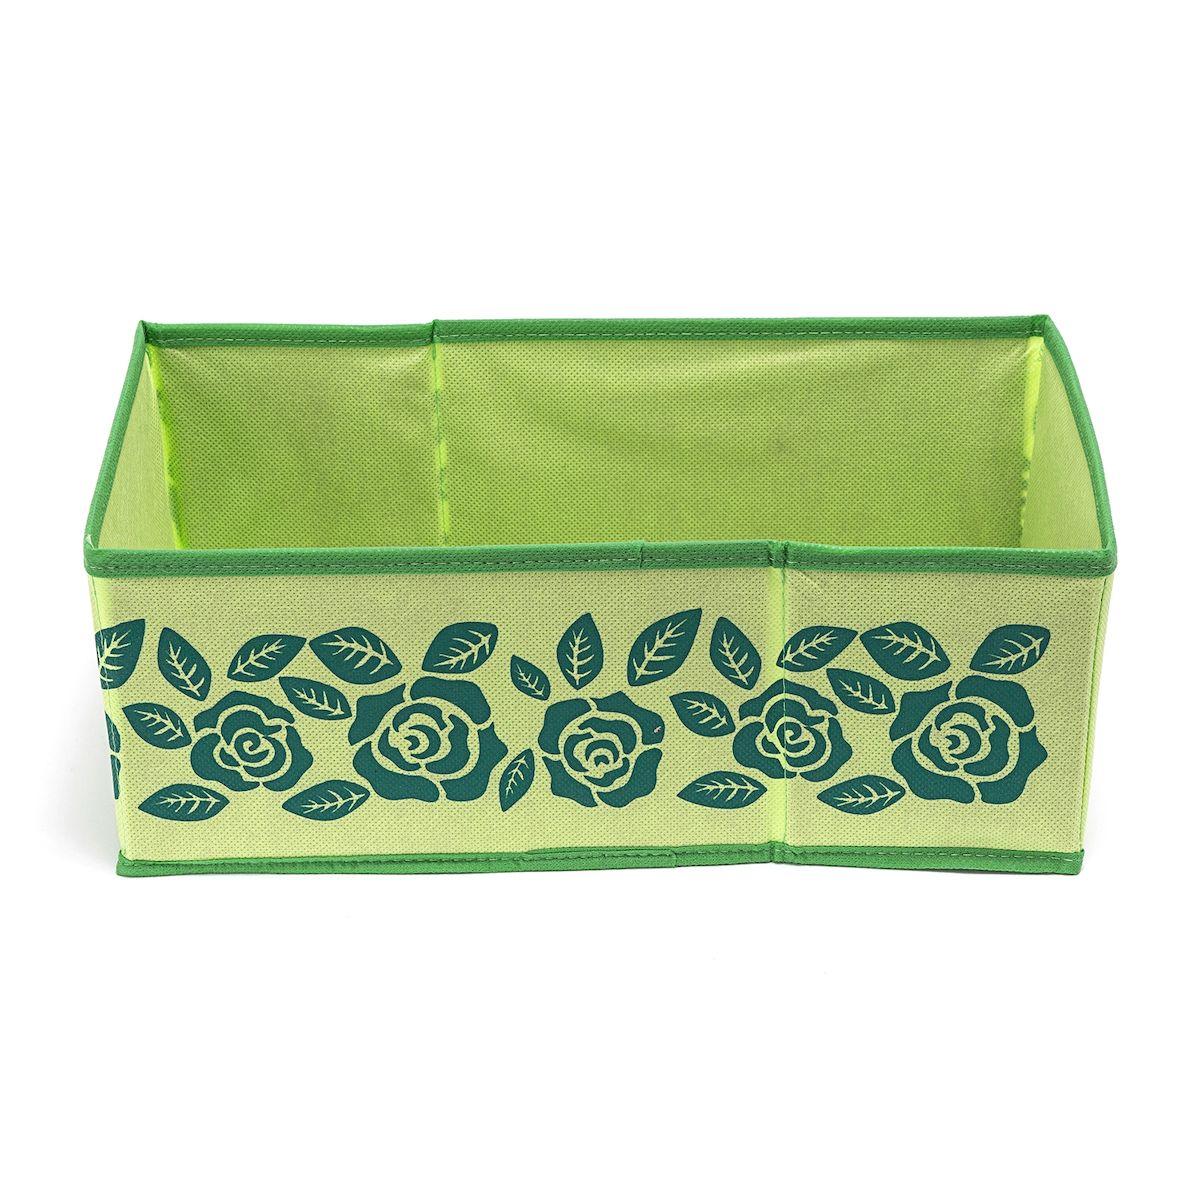 Ящик с ручкой Homsu Green Flower, 37х20х14 смHOM-385Универсальная коробочка для хранения любых вещей. Оптимальный размер позволяет хранить в ней любые вещи и предметы. Имеет жесткие борта, что является гарантией сохраности вещей. Имеет ручку для переноски. Фактический цвет может отличаться от заявленного. Размер изделия: 37x20x14см